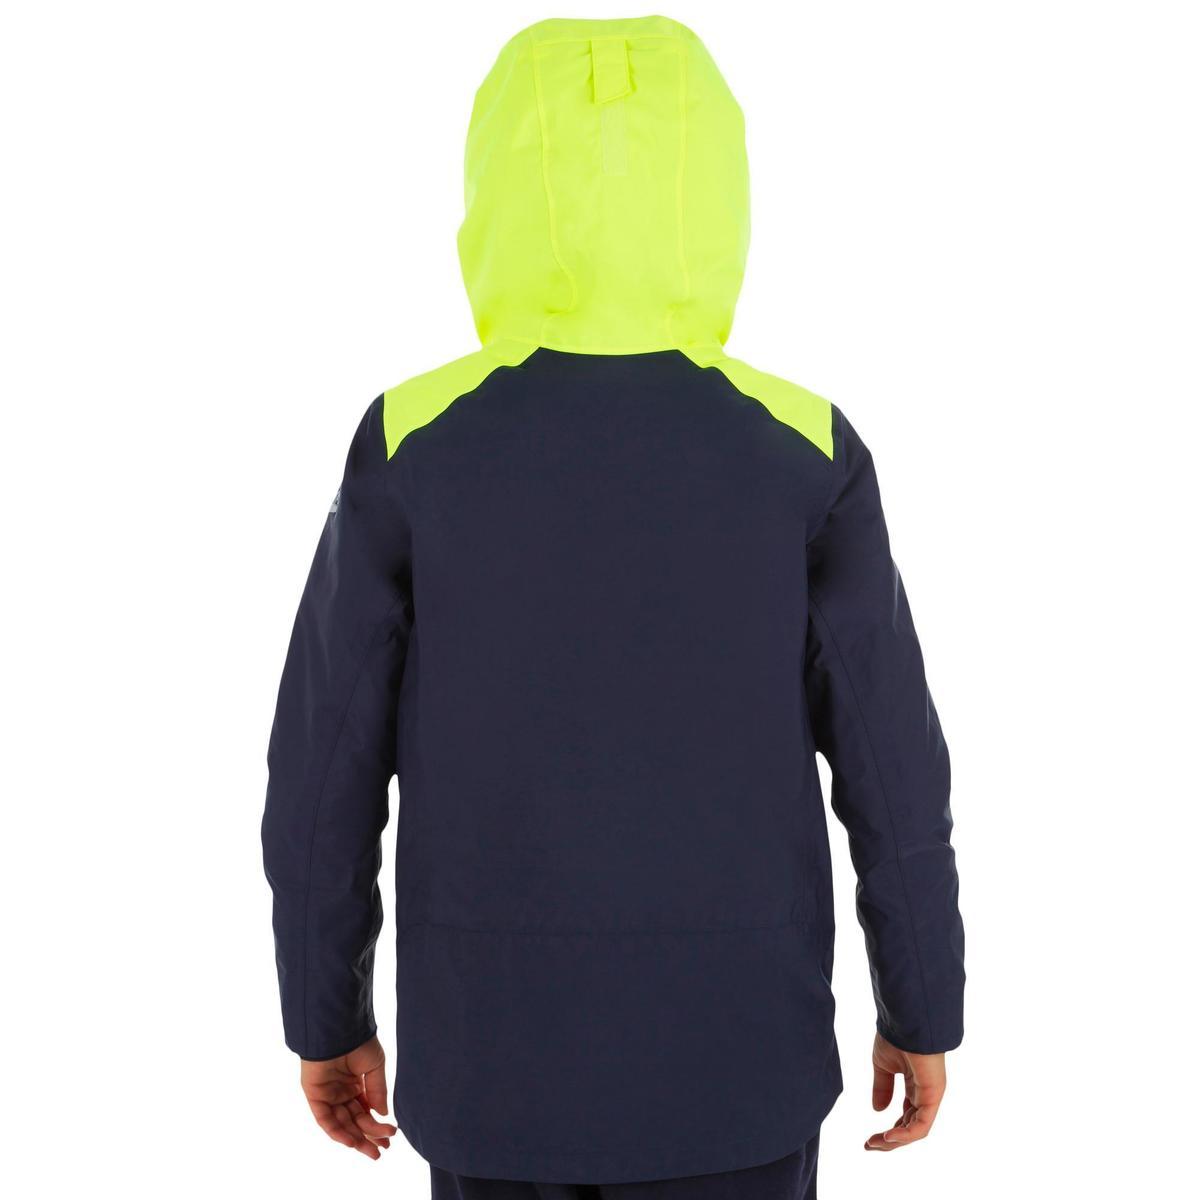 Bild 4 von Segeljacke warm 100 Jungen blau/gelb